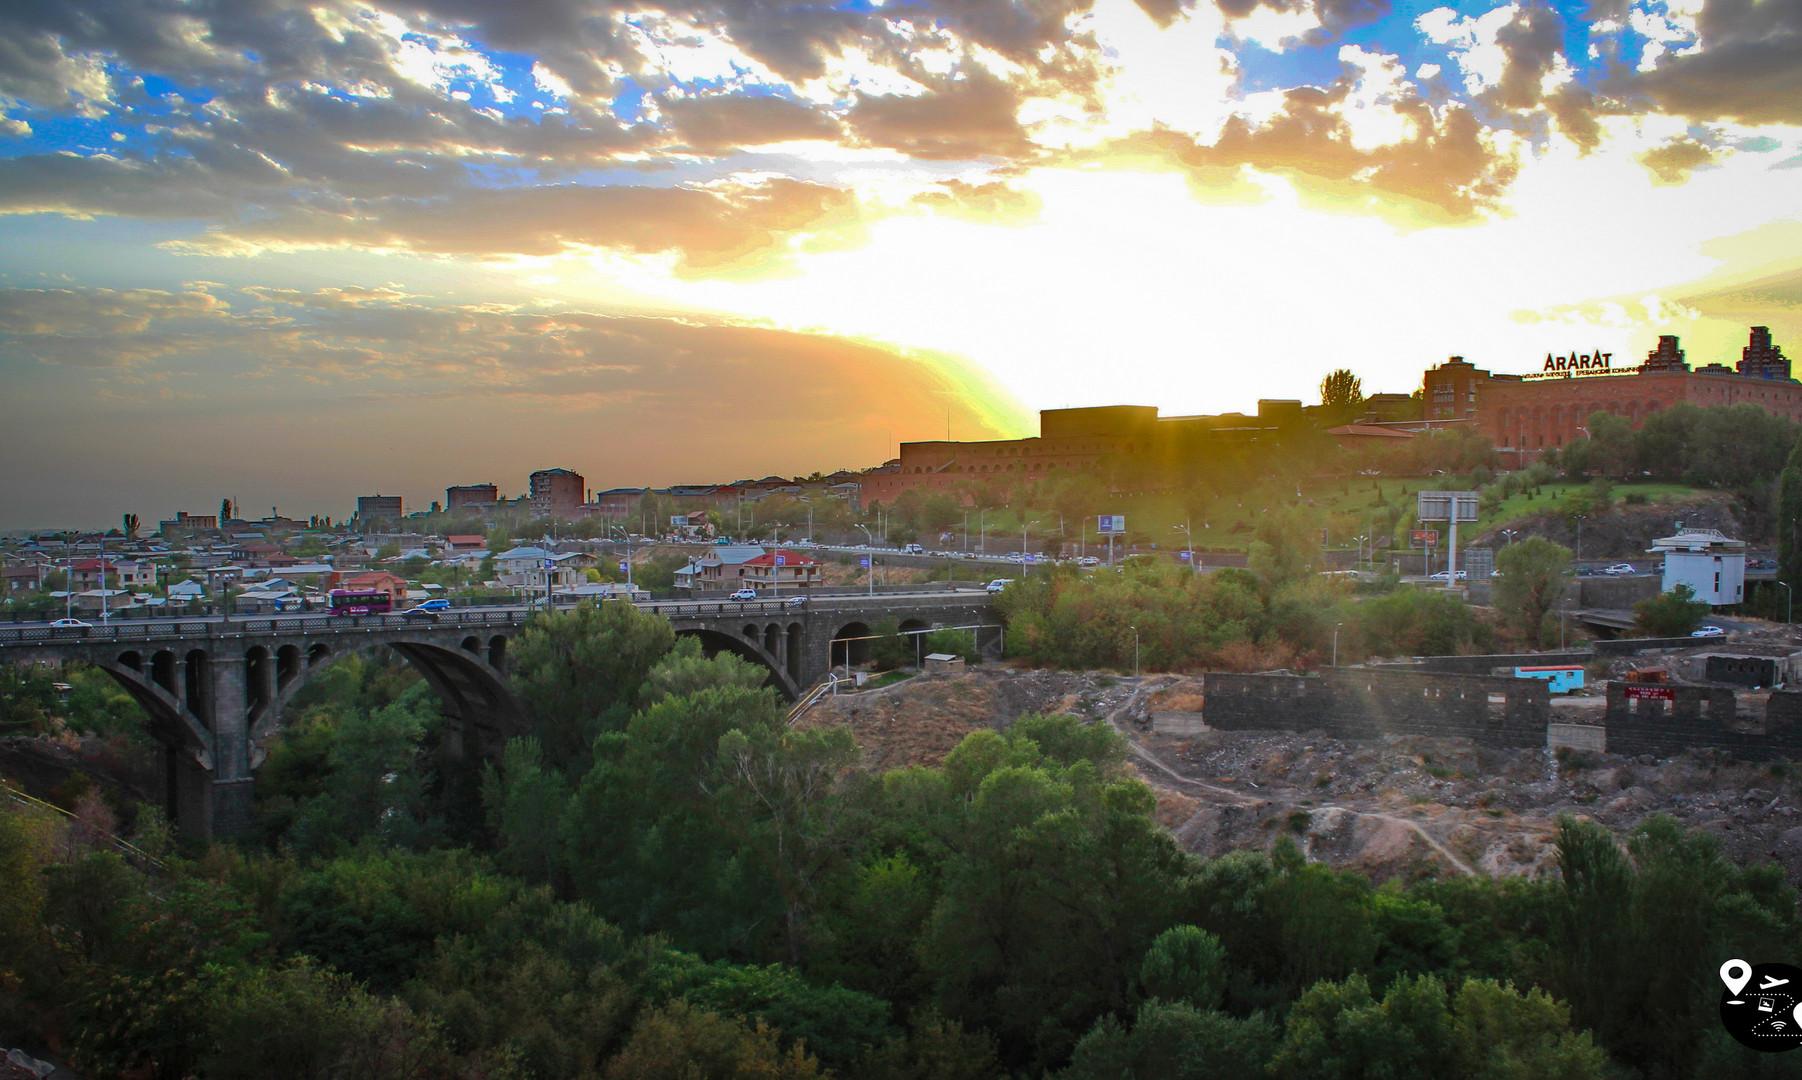 Завод Арарат, Ереван